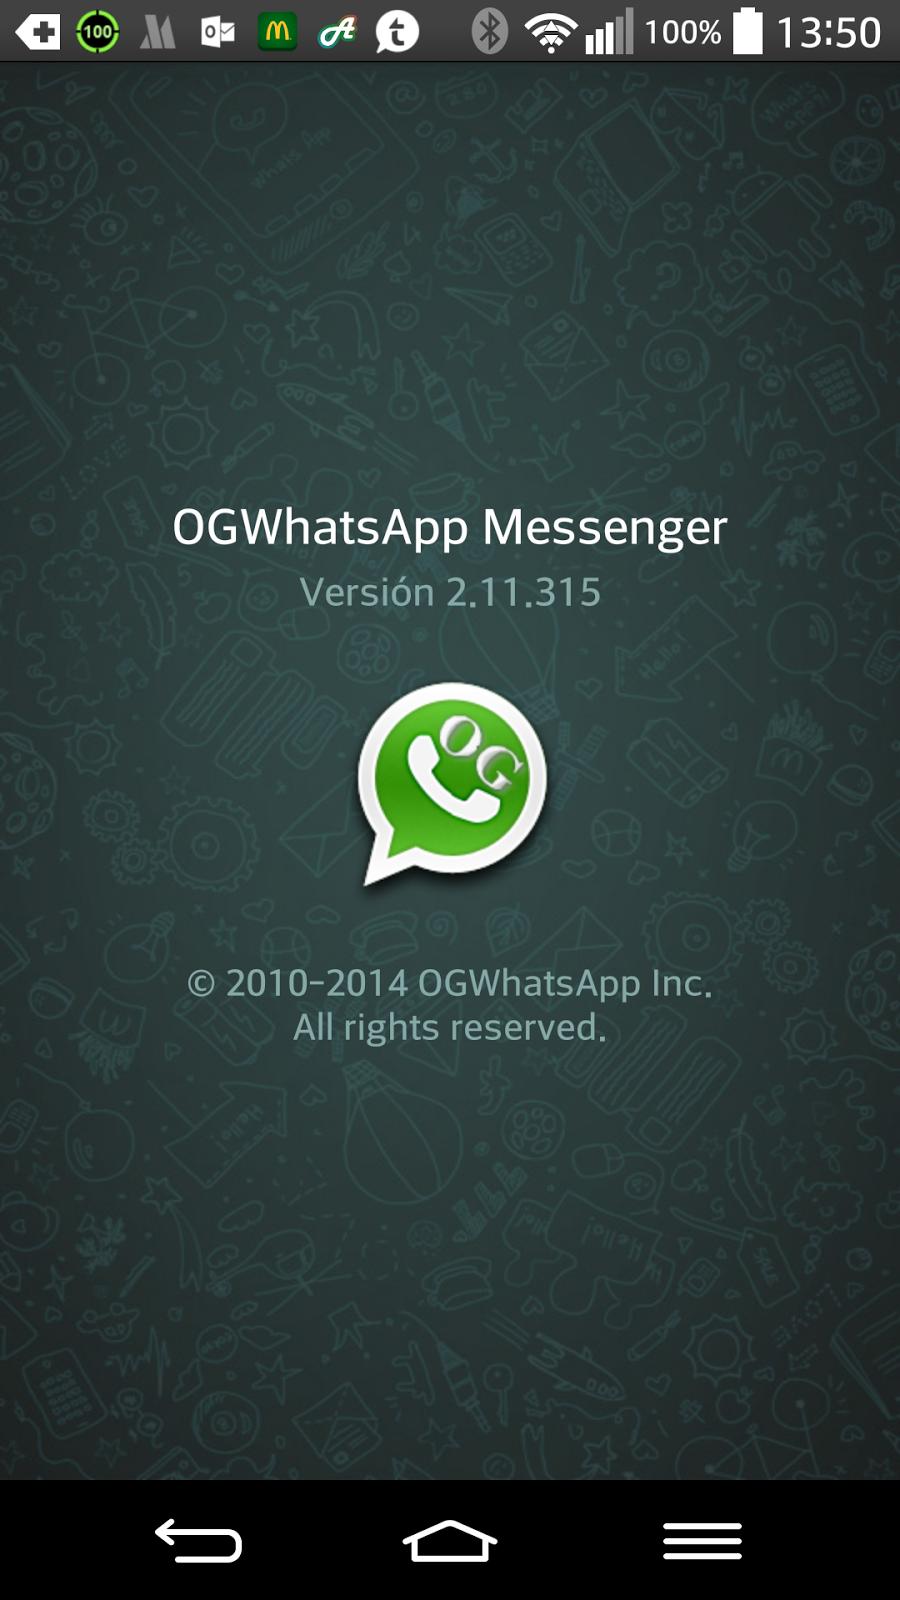 Ya no van a salir nuevas versiones de OGWhatsapp.